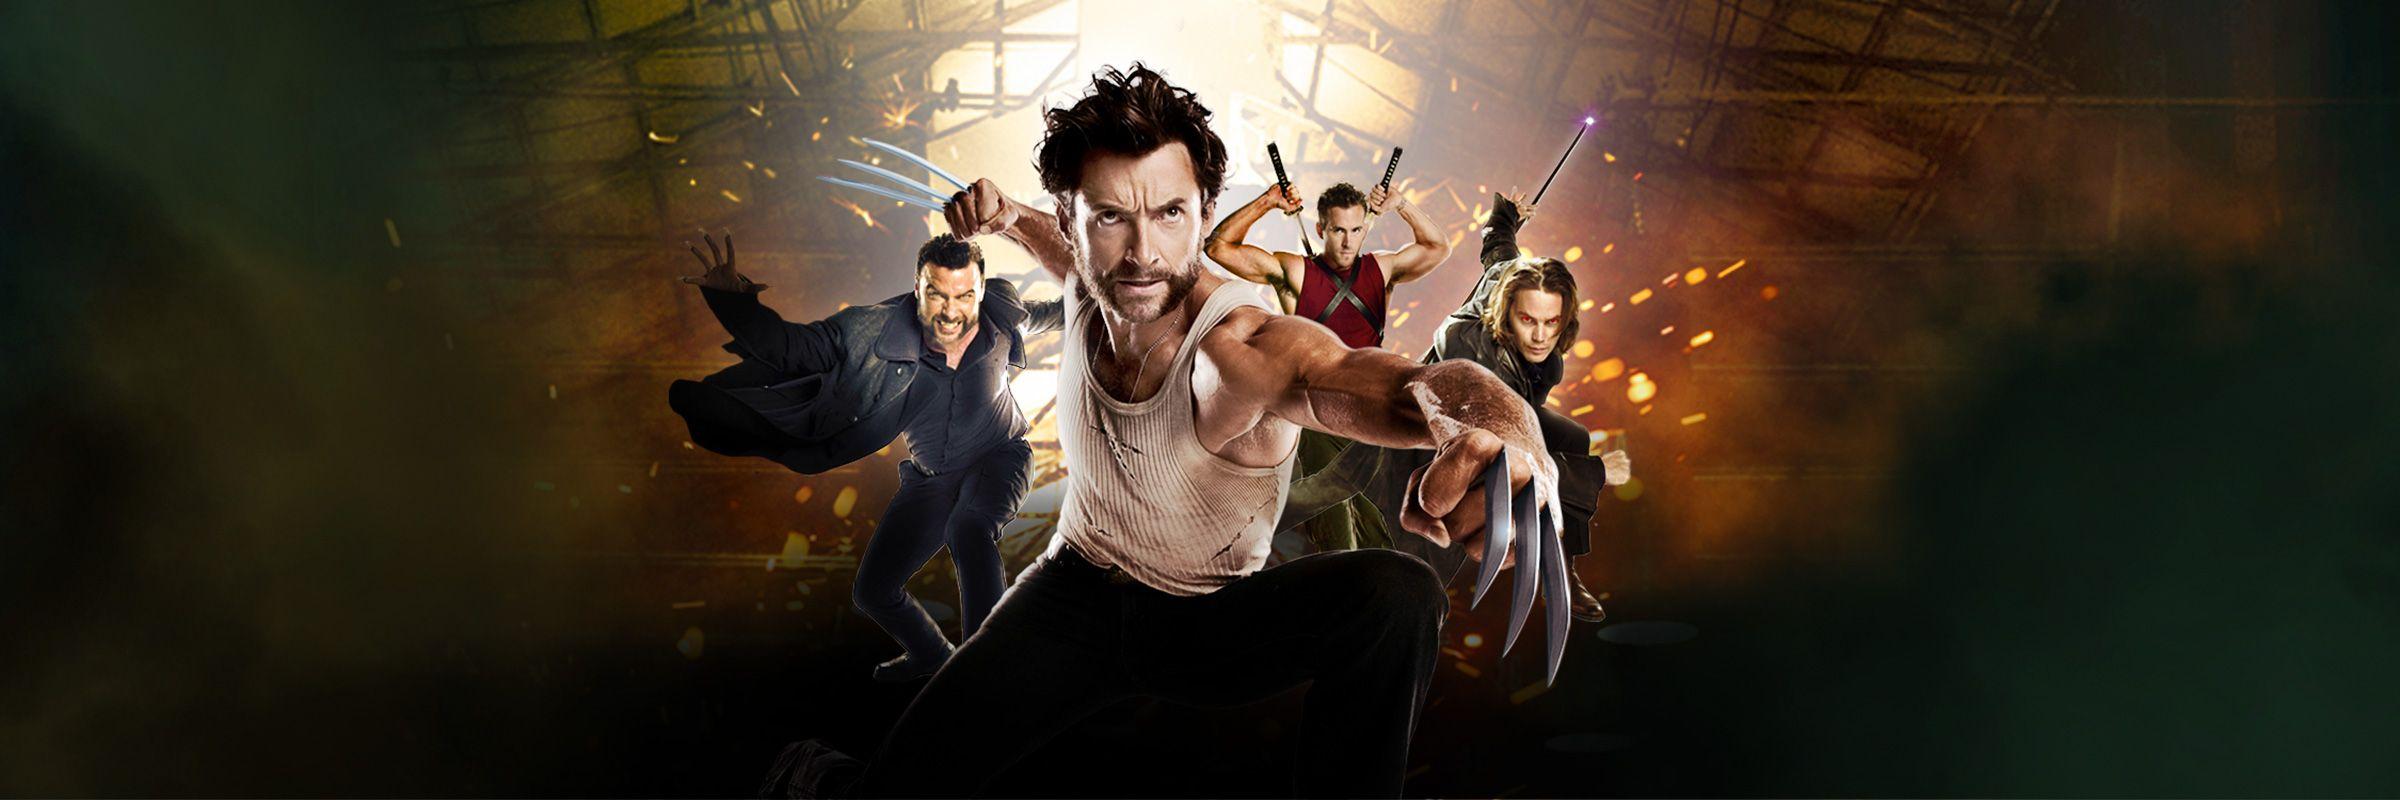 X-Men Origins: Wolverine | Full Movie | Movies Anywhere